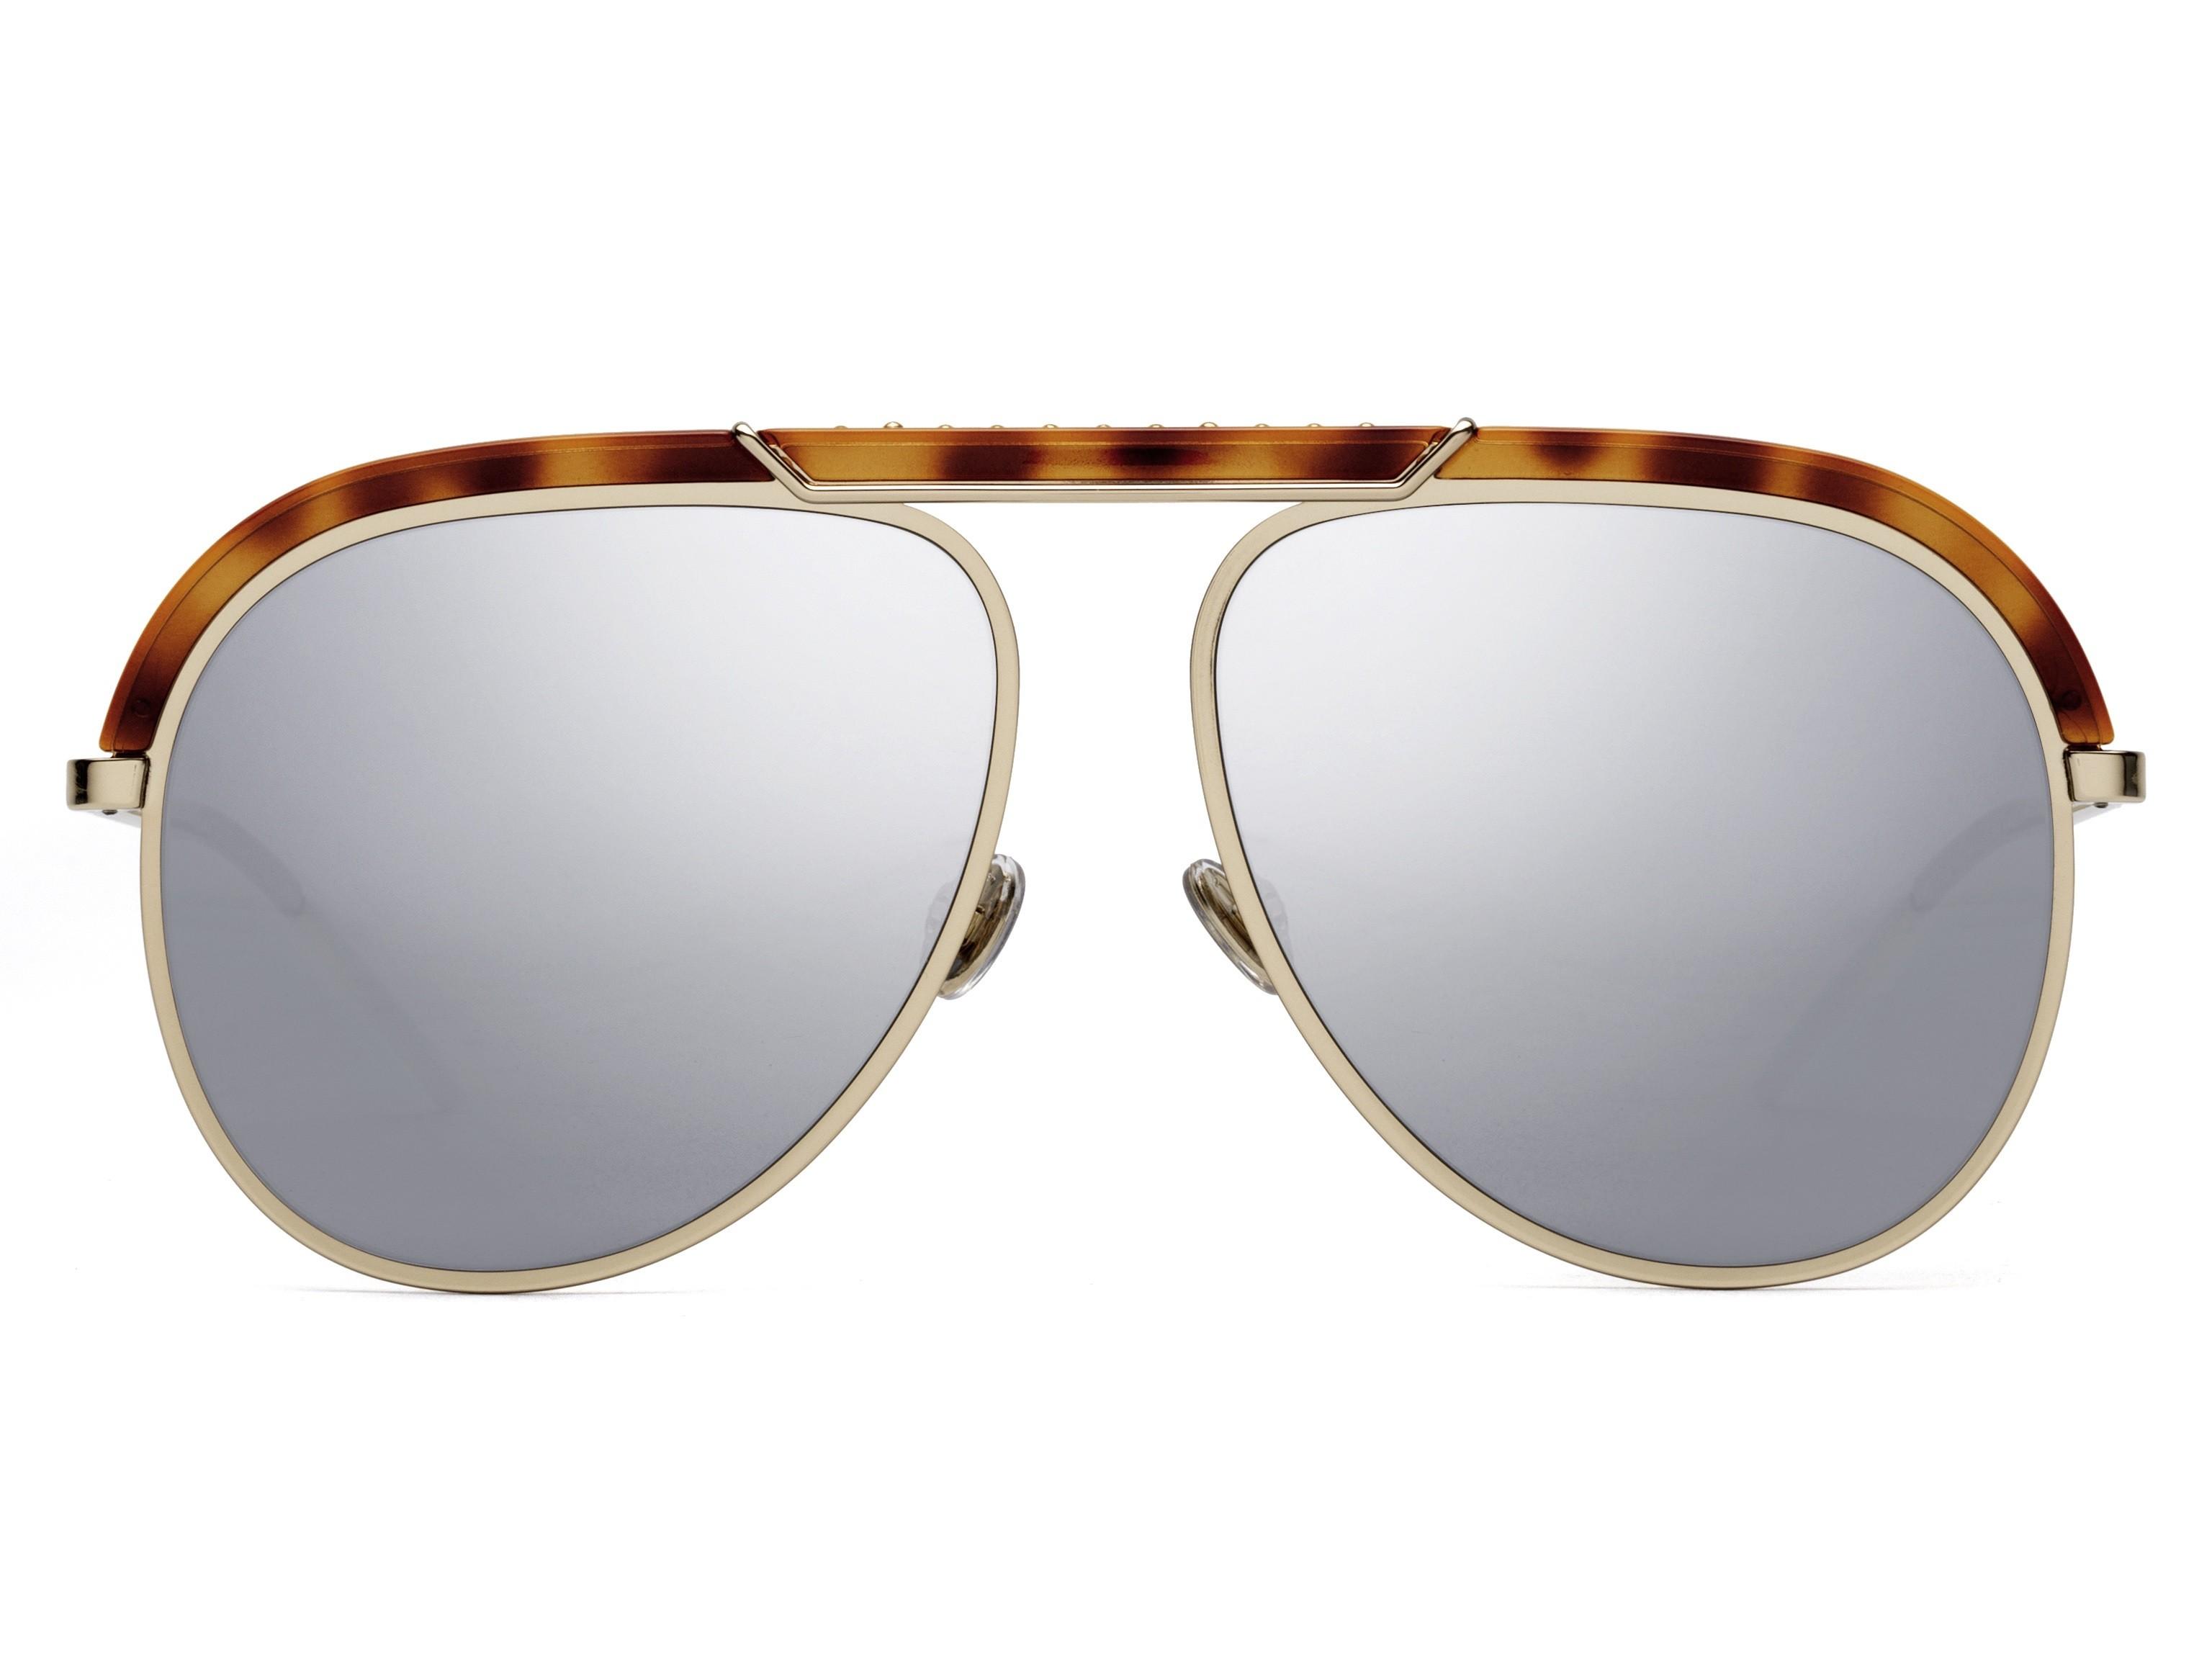 9336ff4b9d177 Dior Desertic 2IK0T - Oculos de Sol